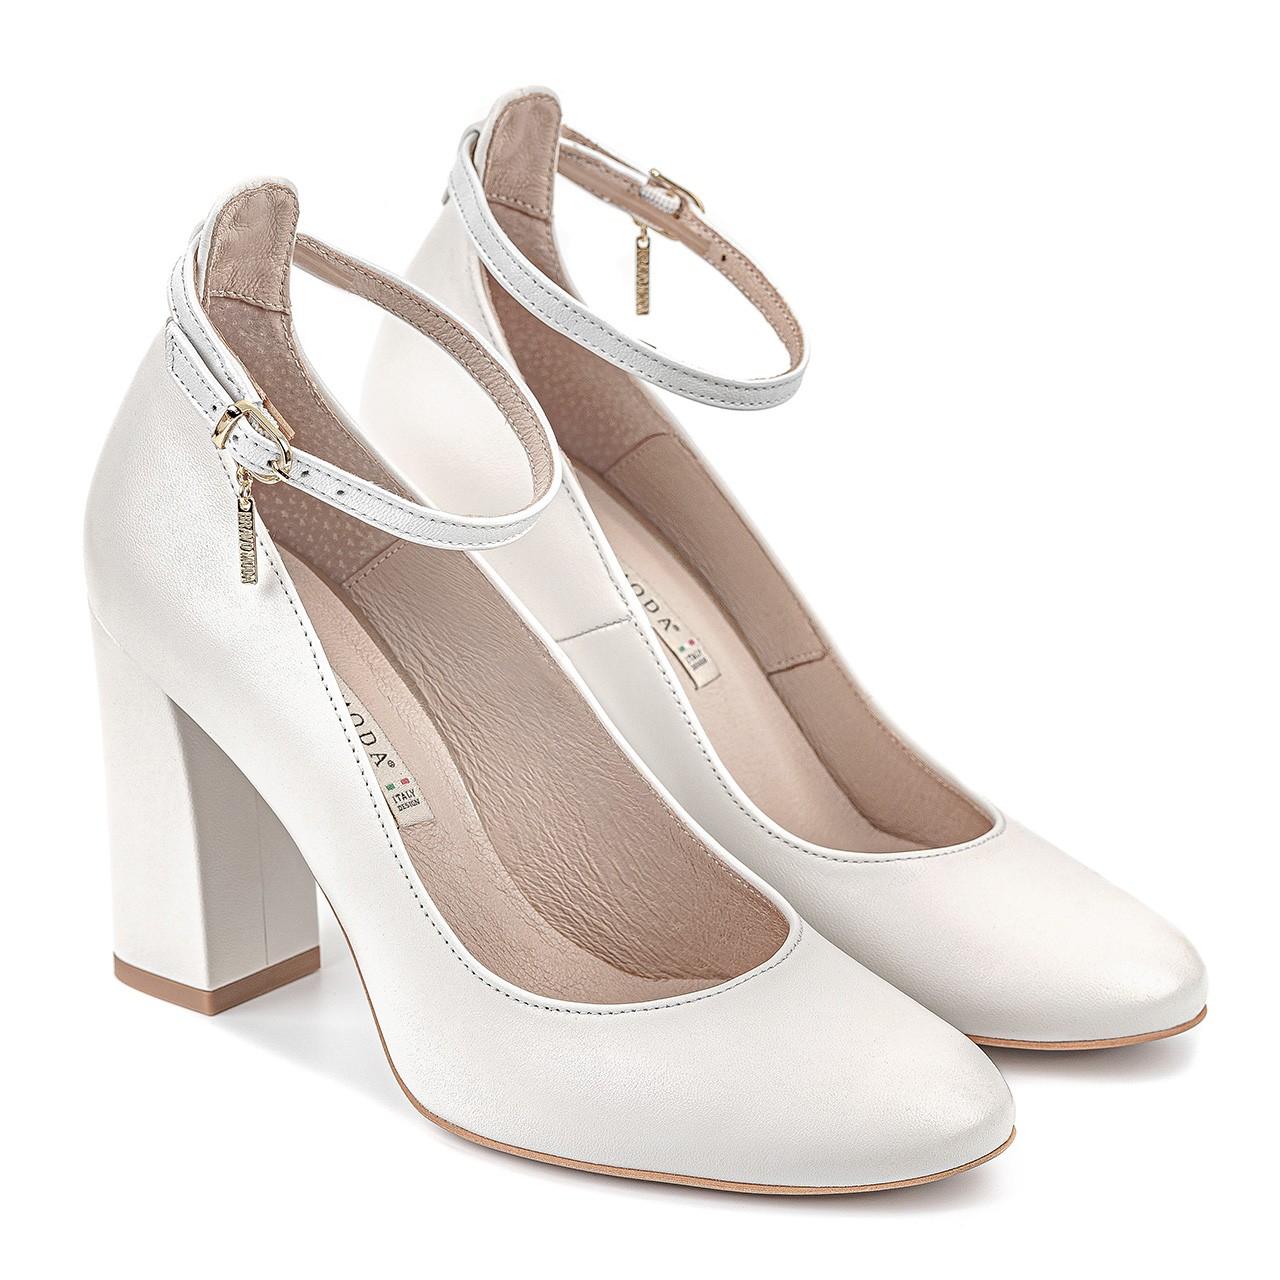 Białe buty ze skóry naturalnej na stabilnym obcasie zapinane przy kostce